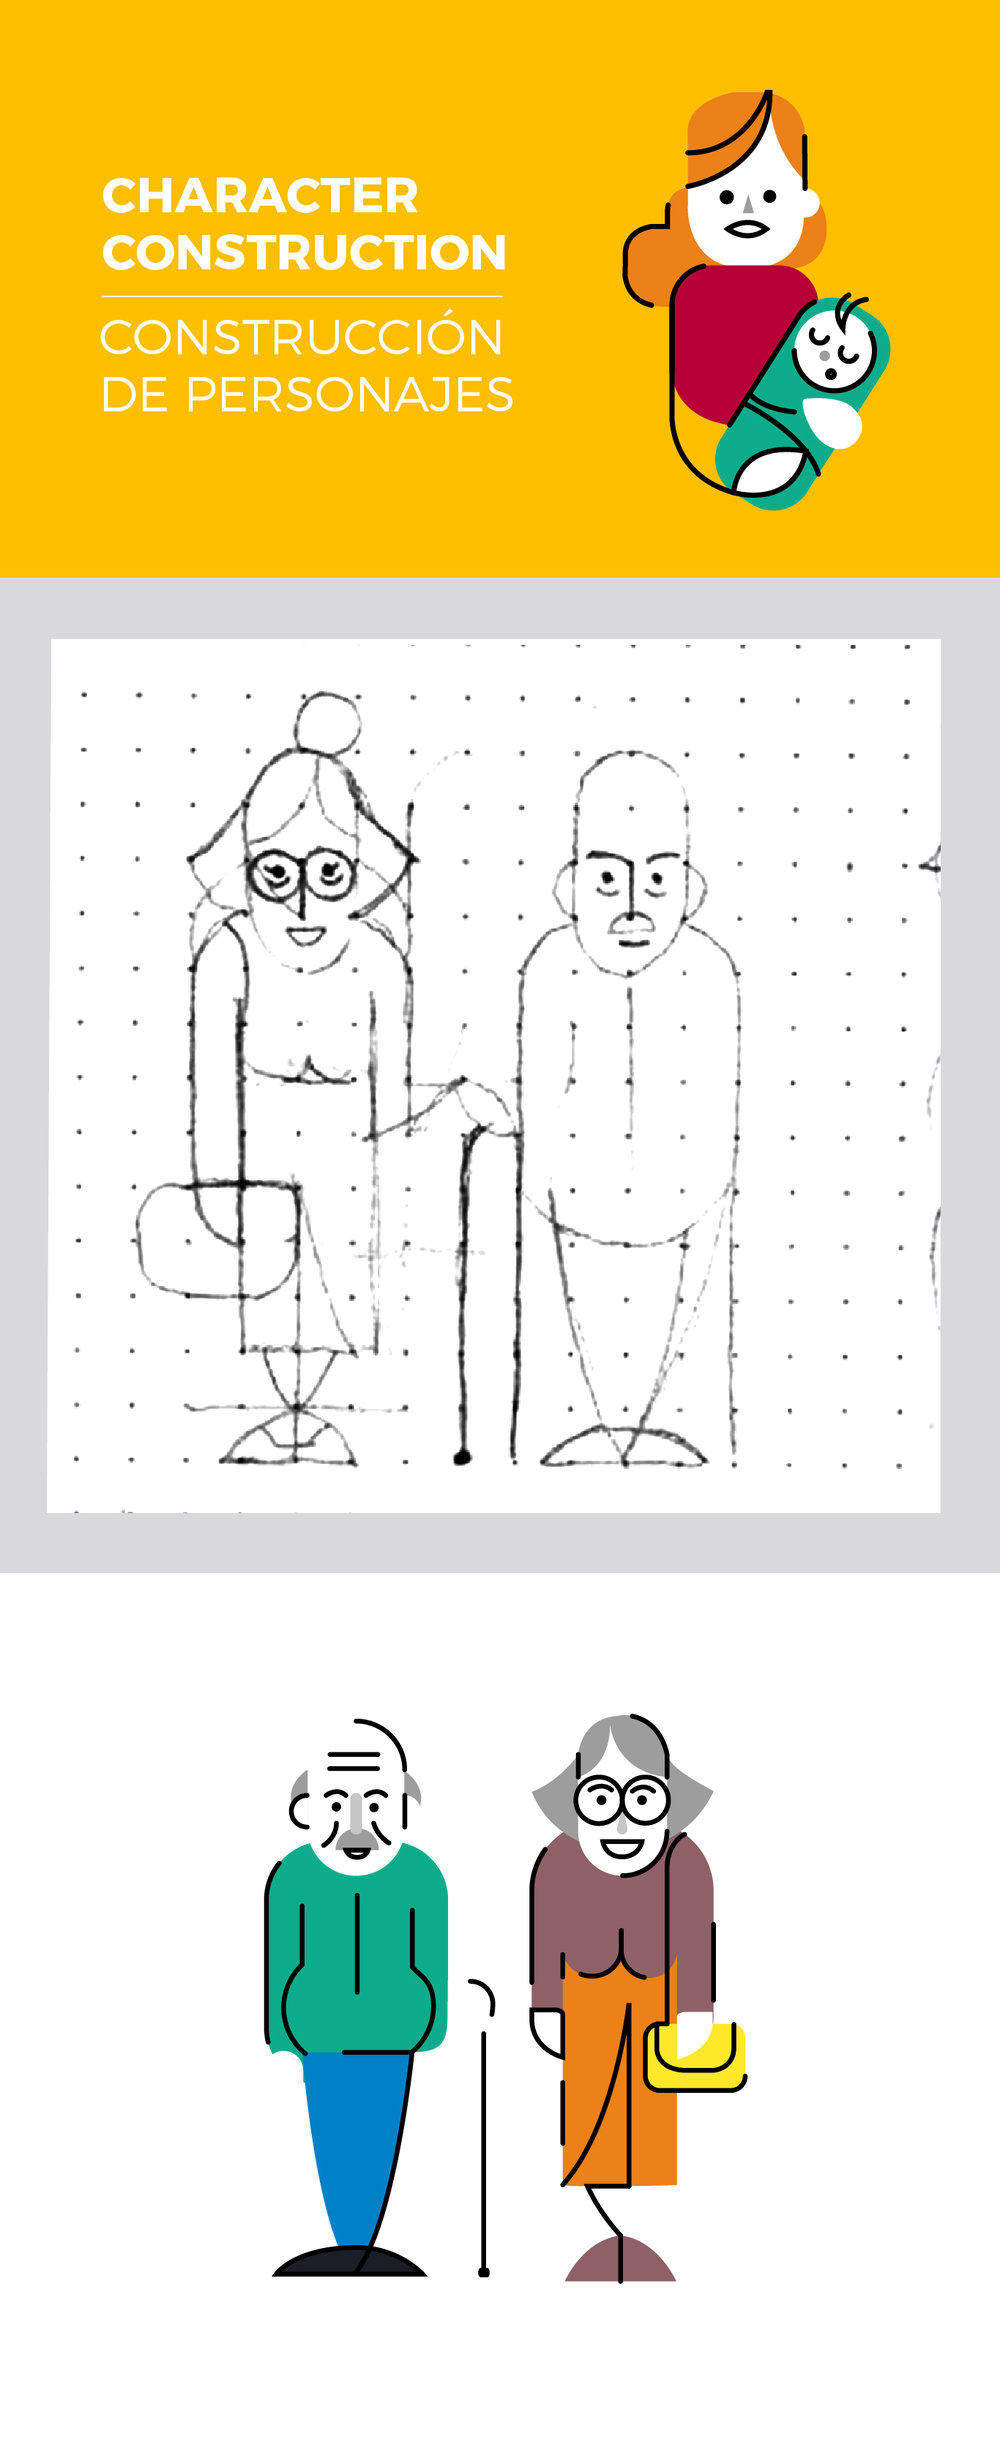 character construction, jaime hayde.jpg